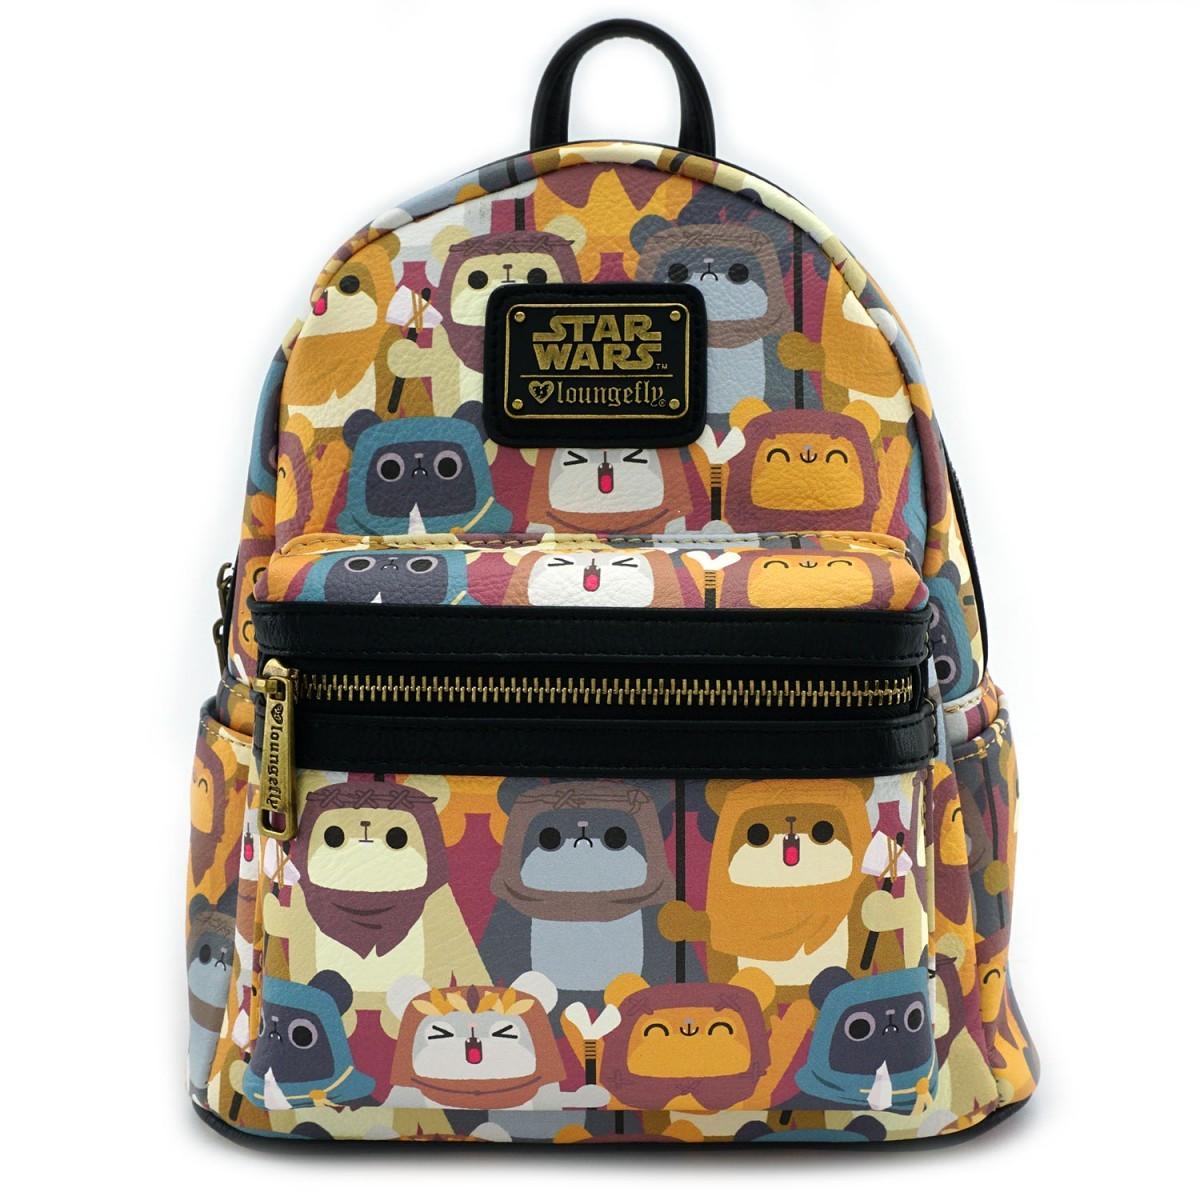 e92f0c70e34 Loungefly  Star Wars Ewok Print - Mini Backpack image ...